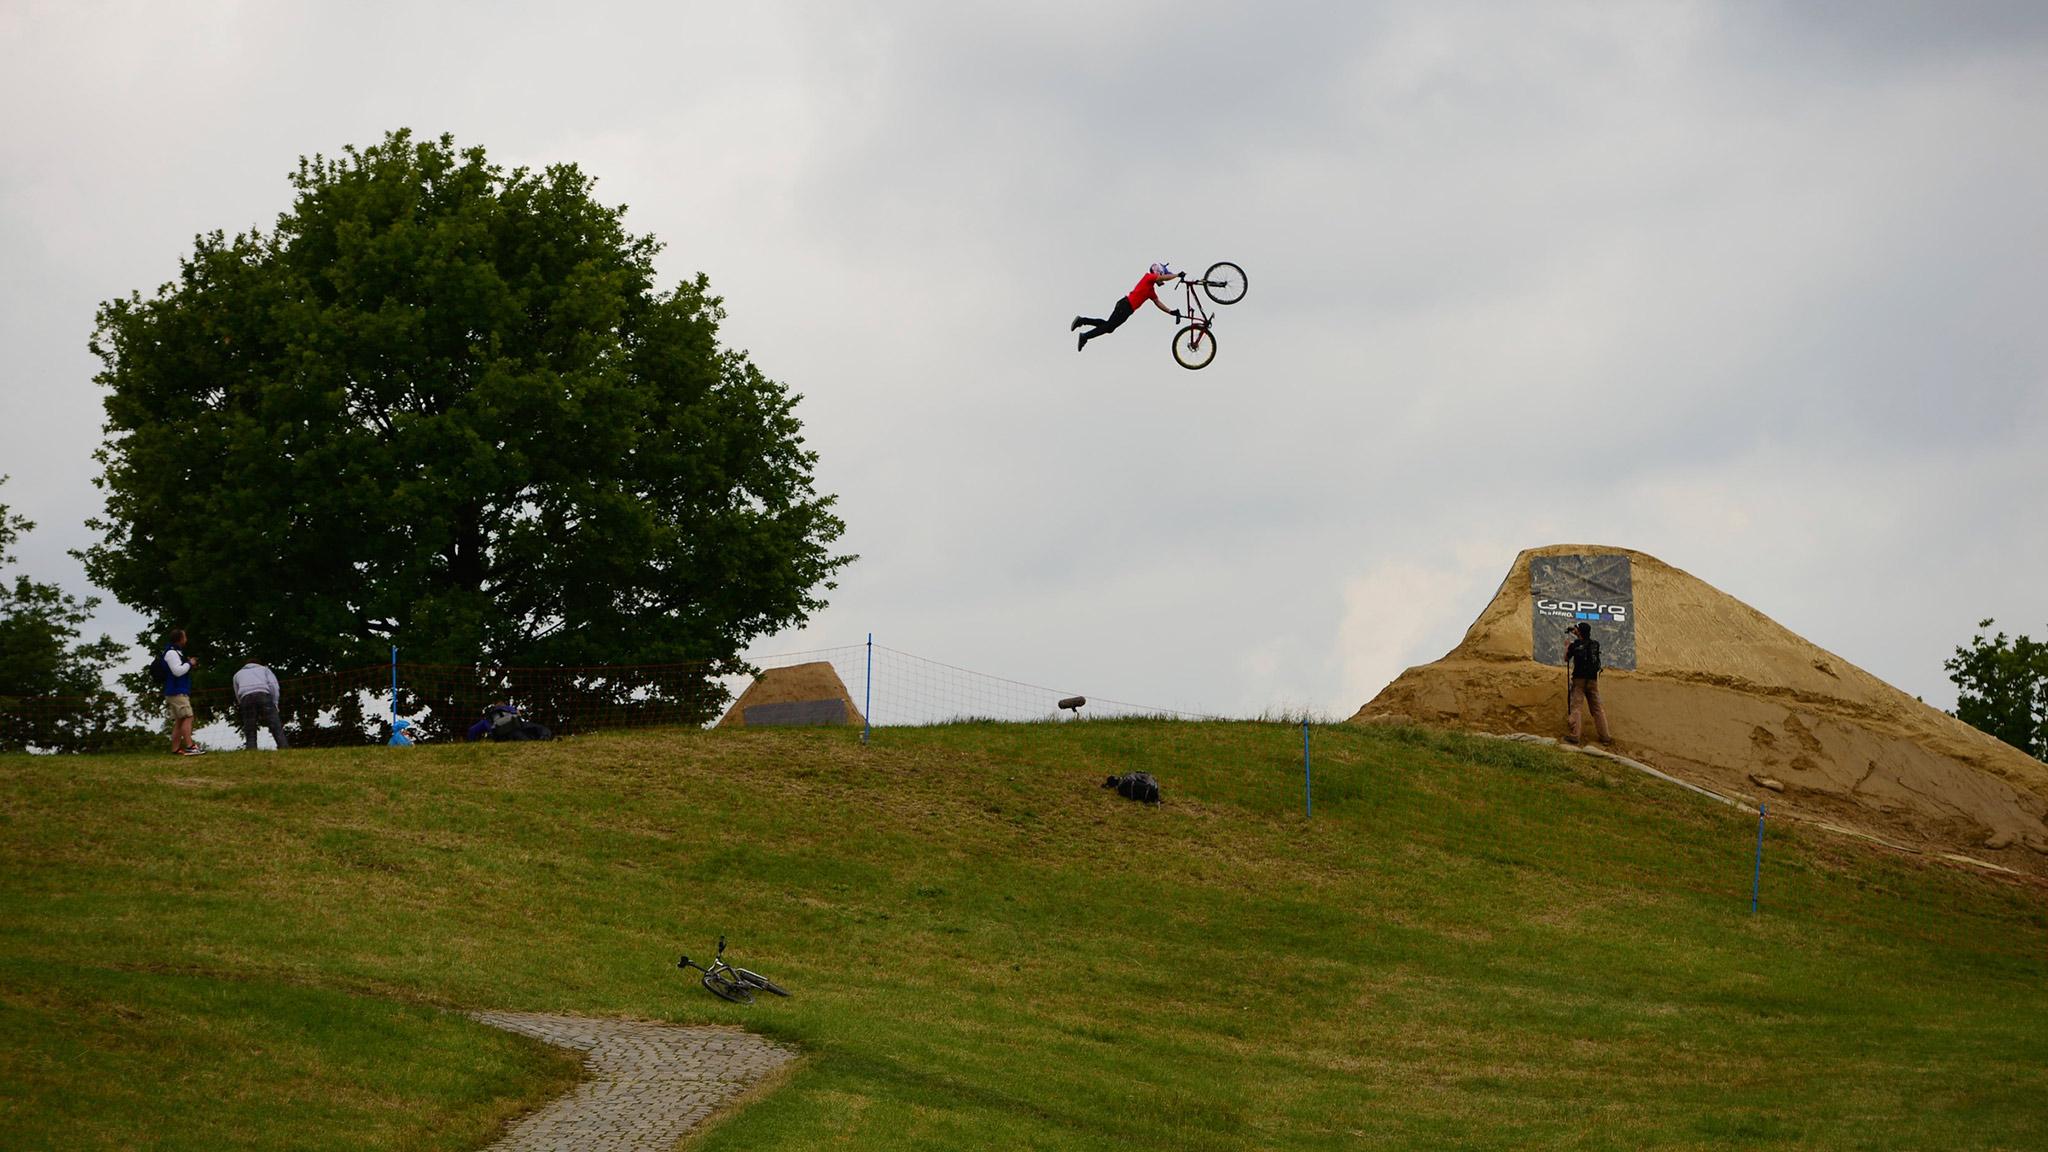 Darren Berrecloth -- Mountain Bike Slopestyle